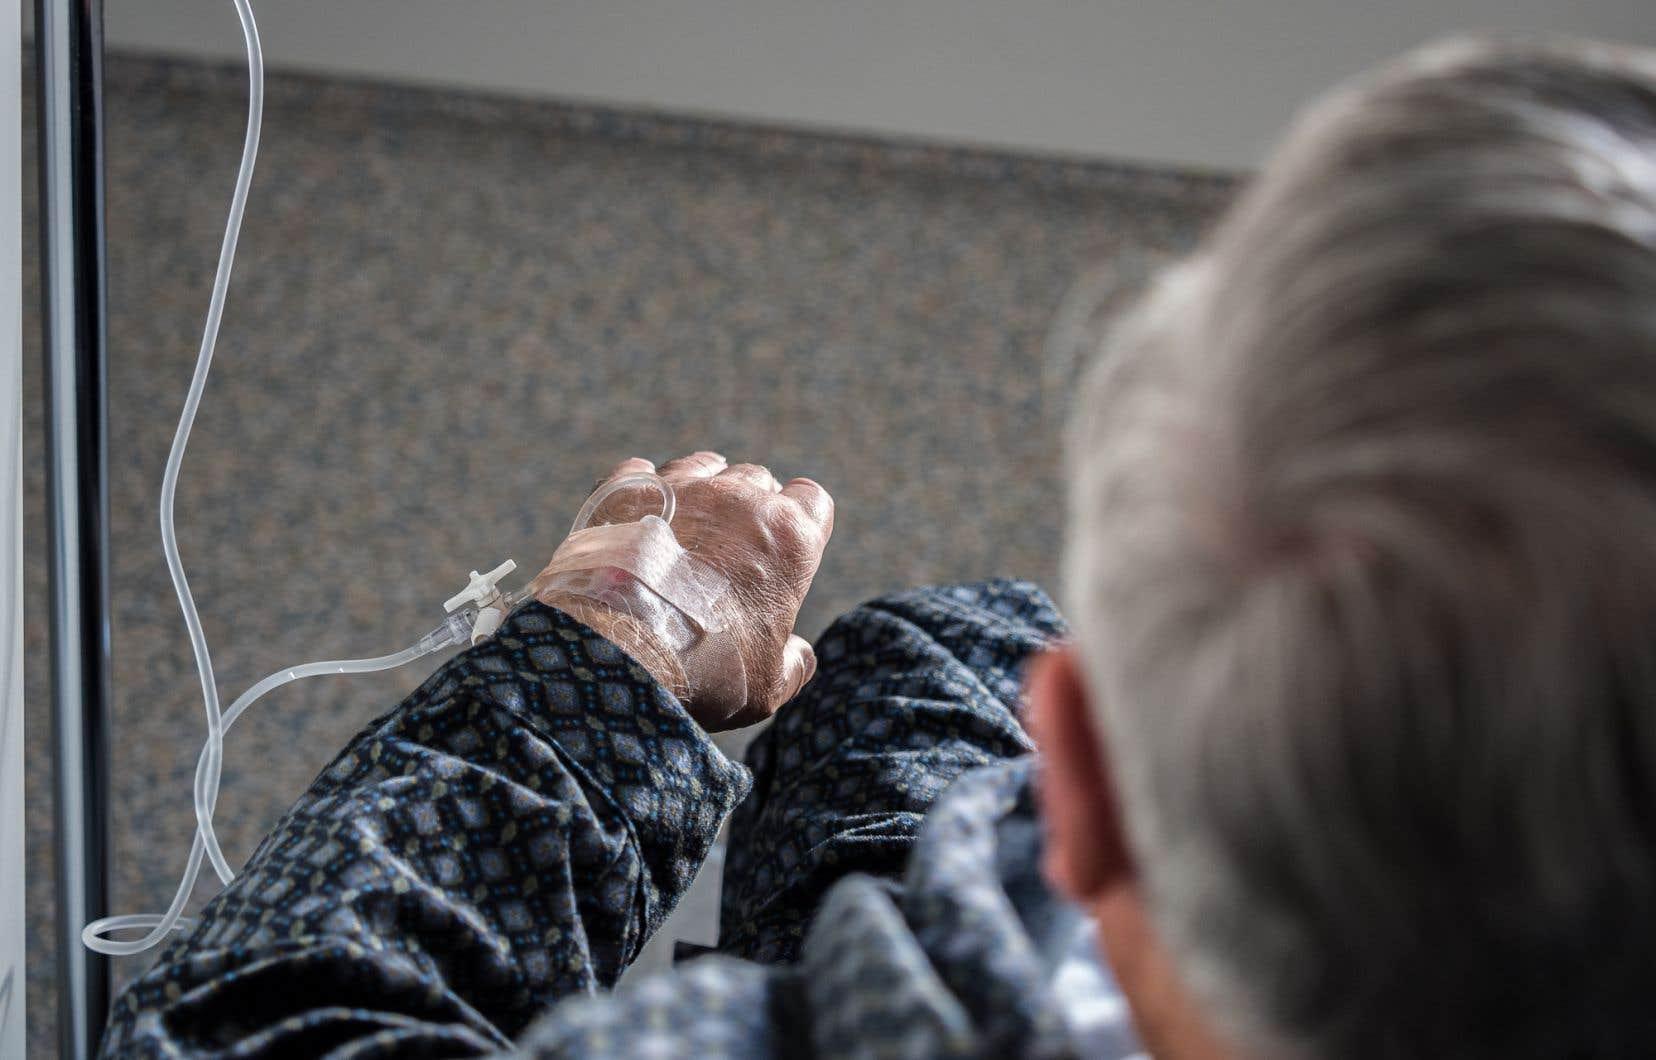 Des patients atteints de cancer n'ont pas reçu la dose entière de chimiothérapie par intraveineuse qui leur avait été prescrite parce qu'une partie du médicament est restée dans les tubulures.